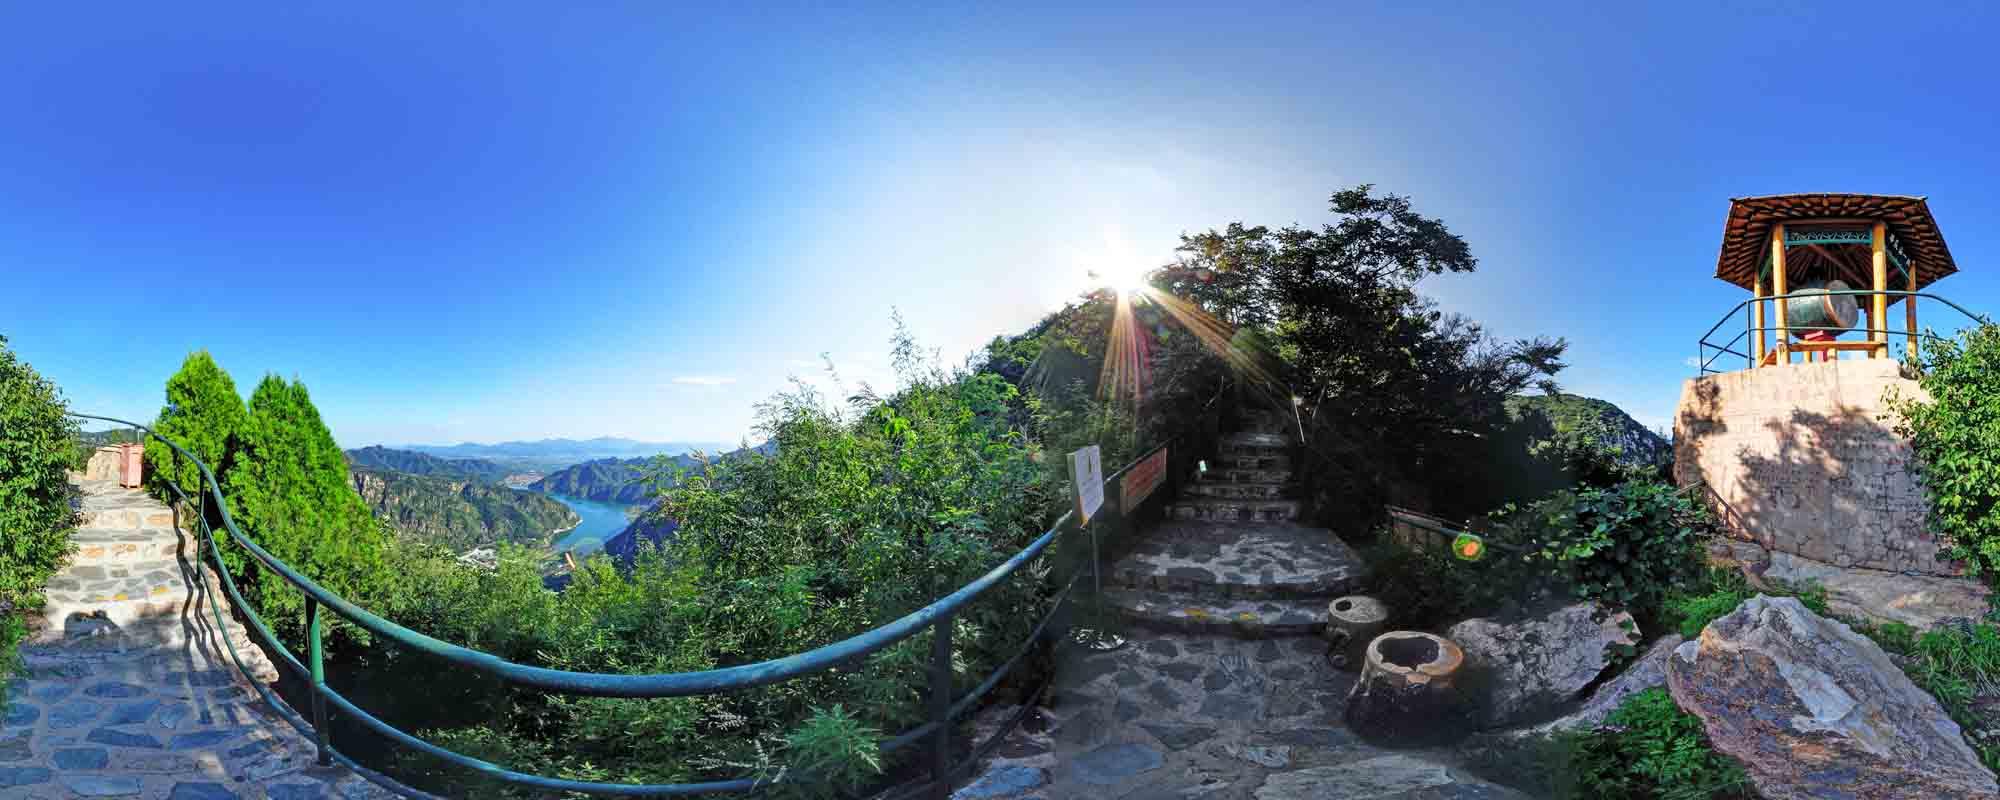 平谷虚拟旅游